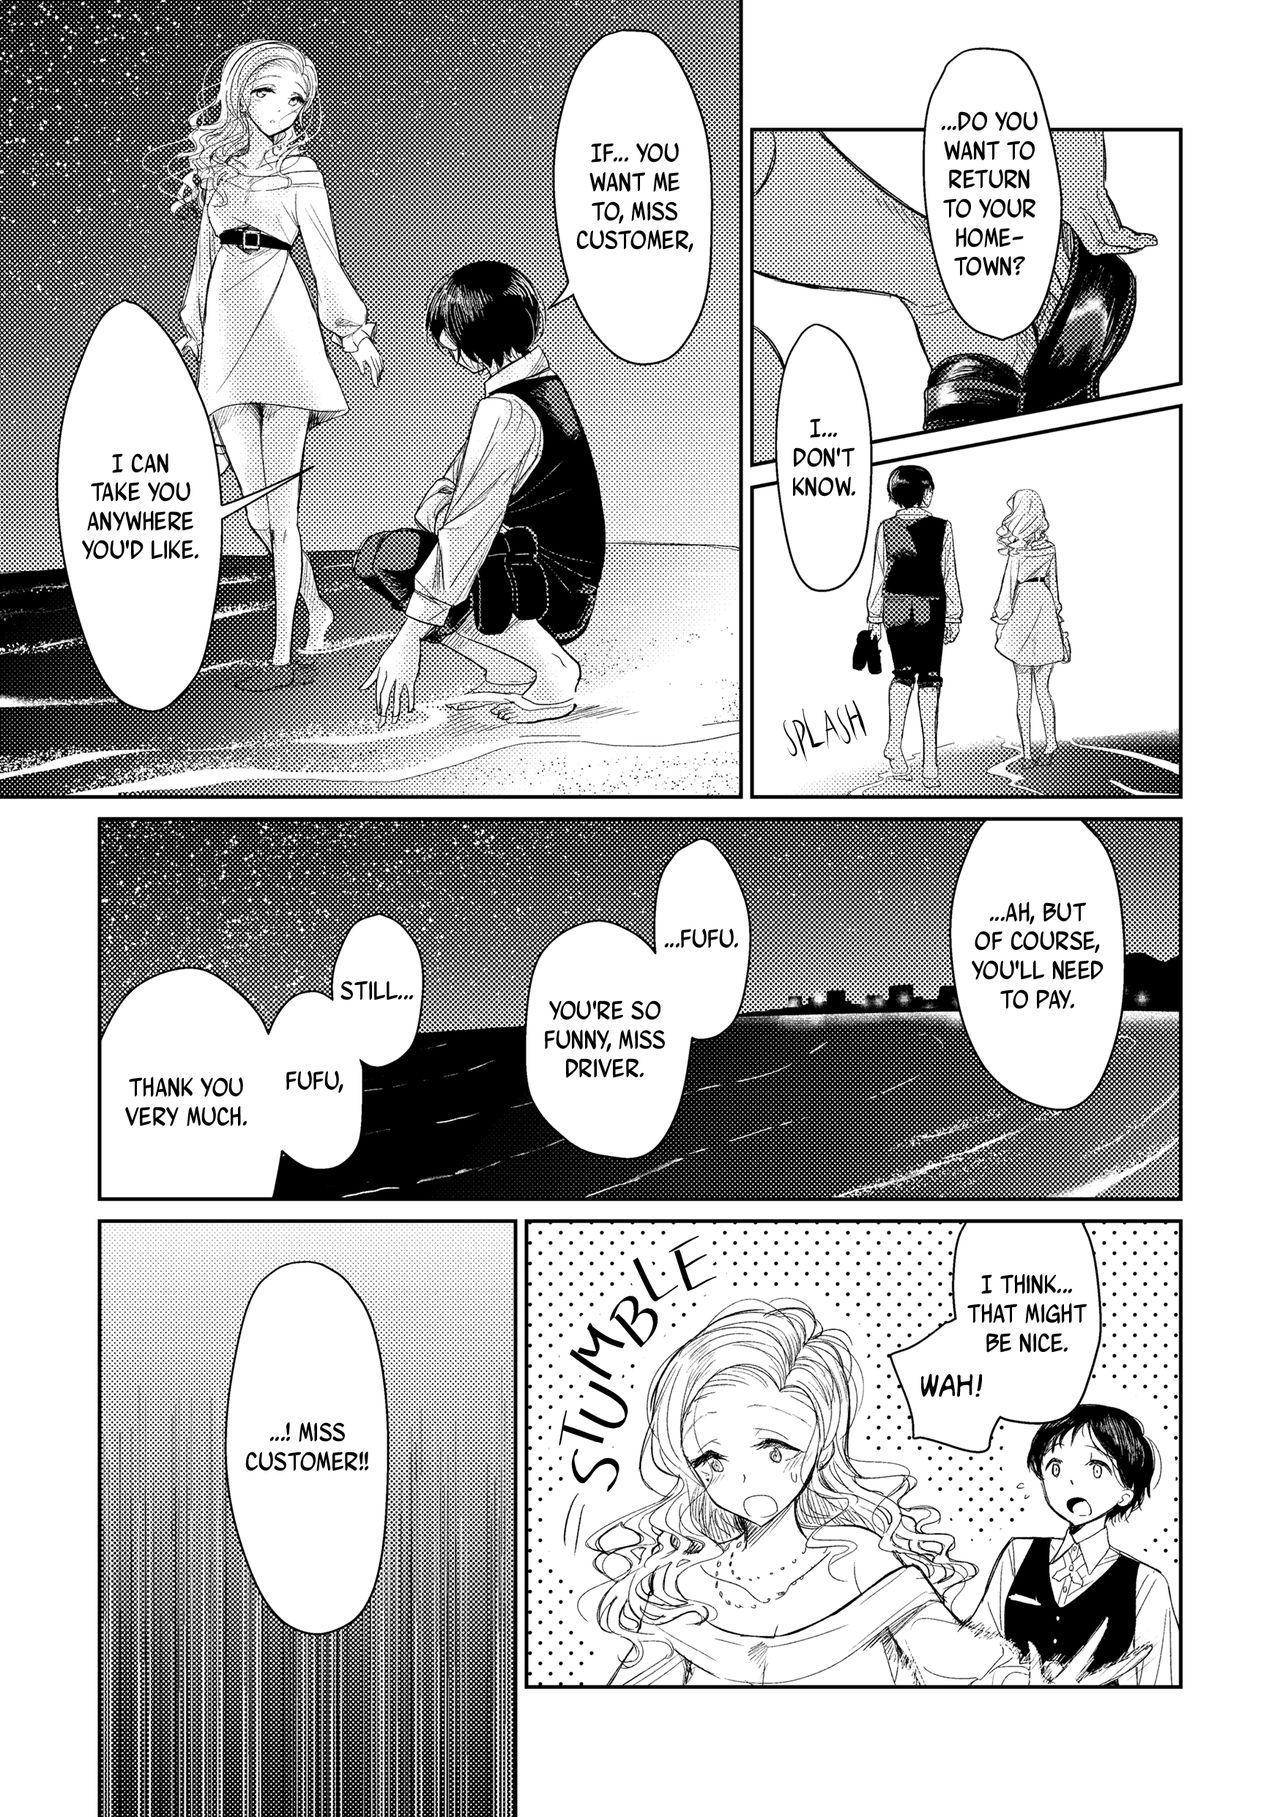 Nigedashita kunaru Yoru ni | In This Night of Flight 8